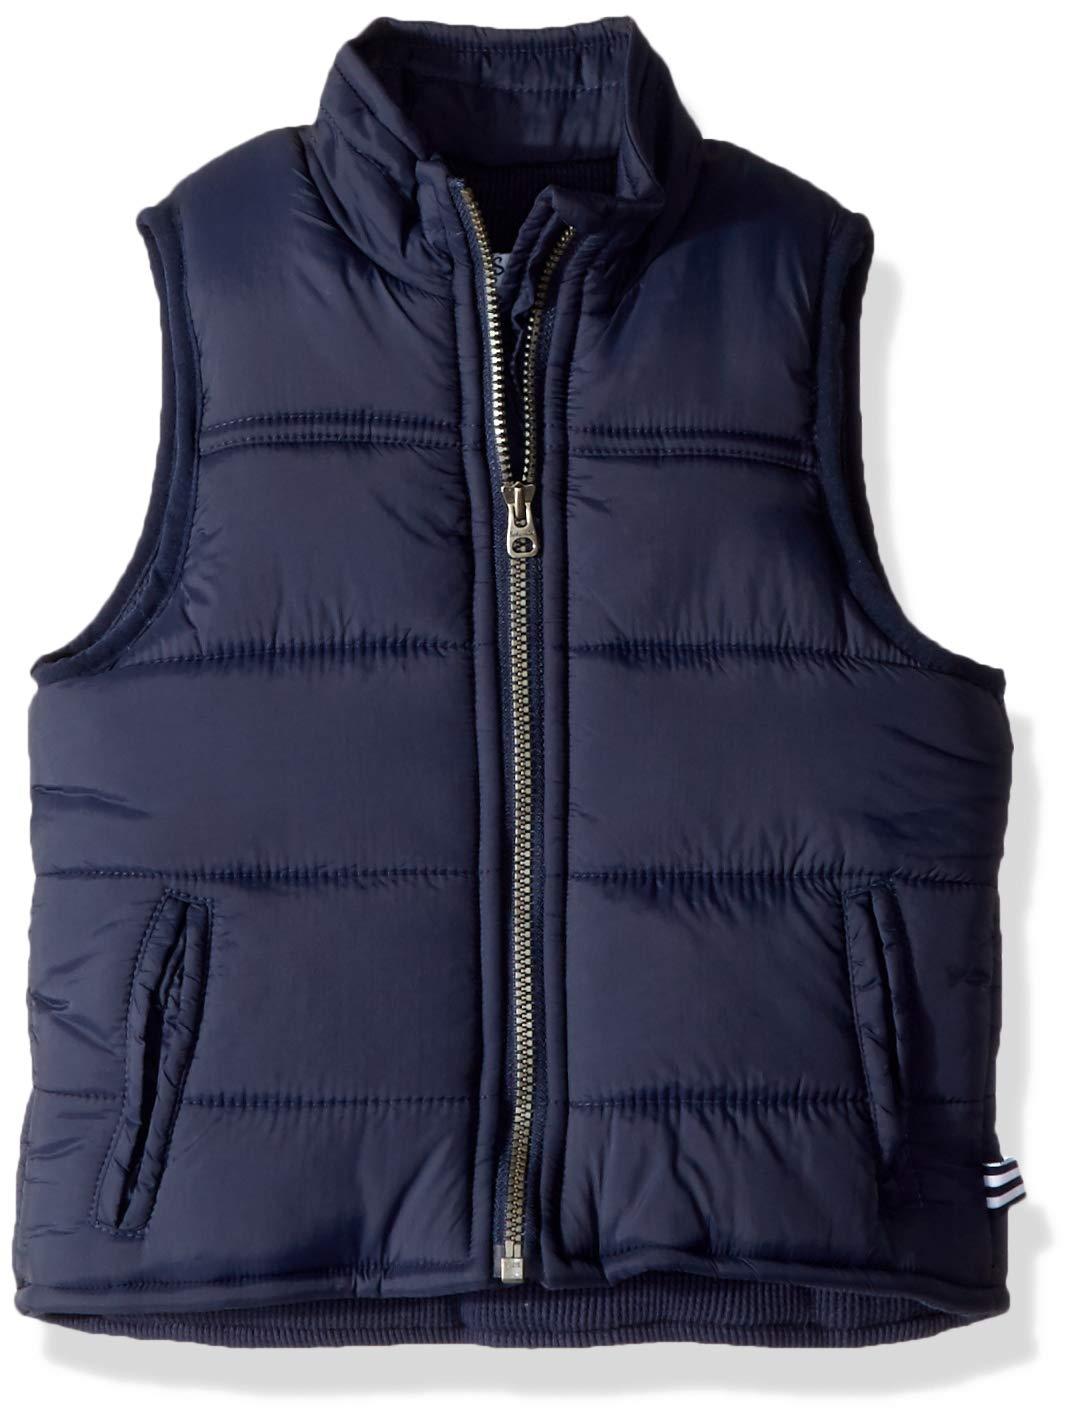 Splendid Toddler Boys' Puffer Vest, True Navy, 2T